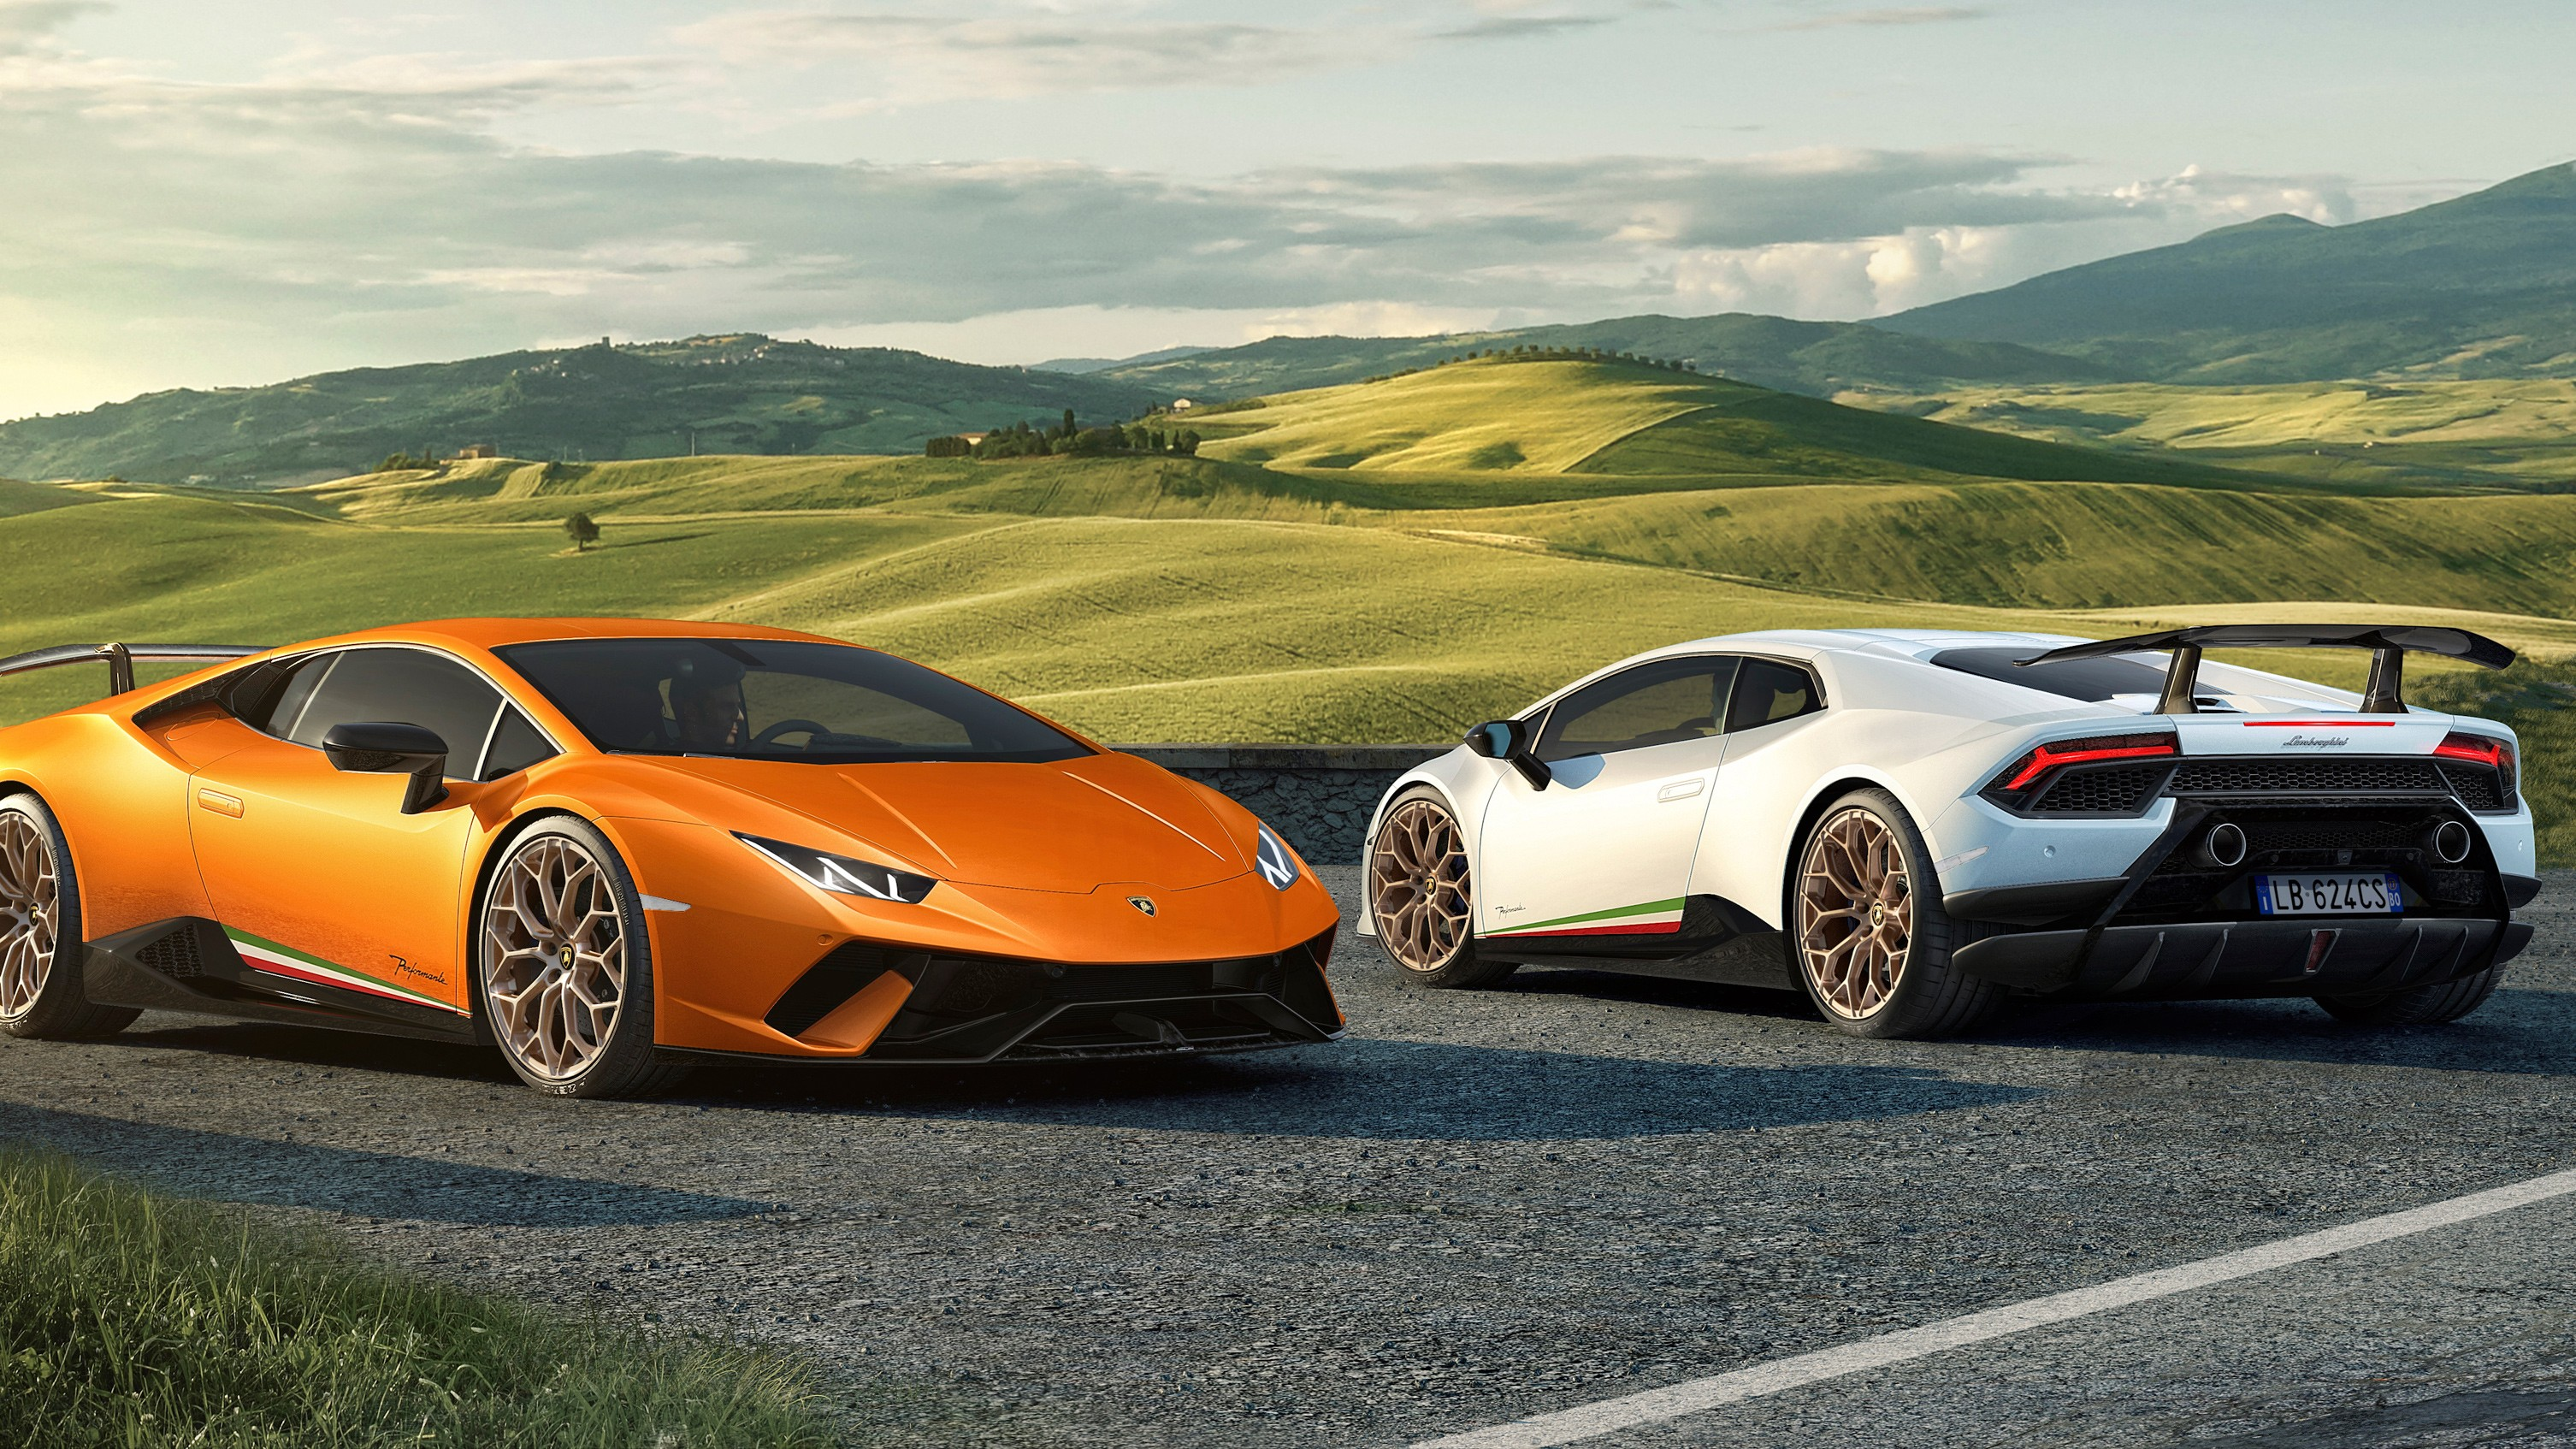 Lamborghini Huracan Wallpaper Download Free Cool Full Hd